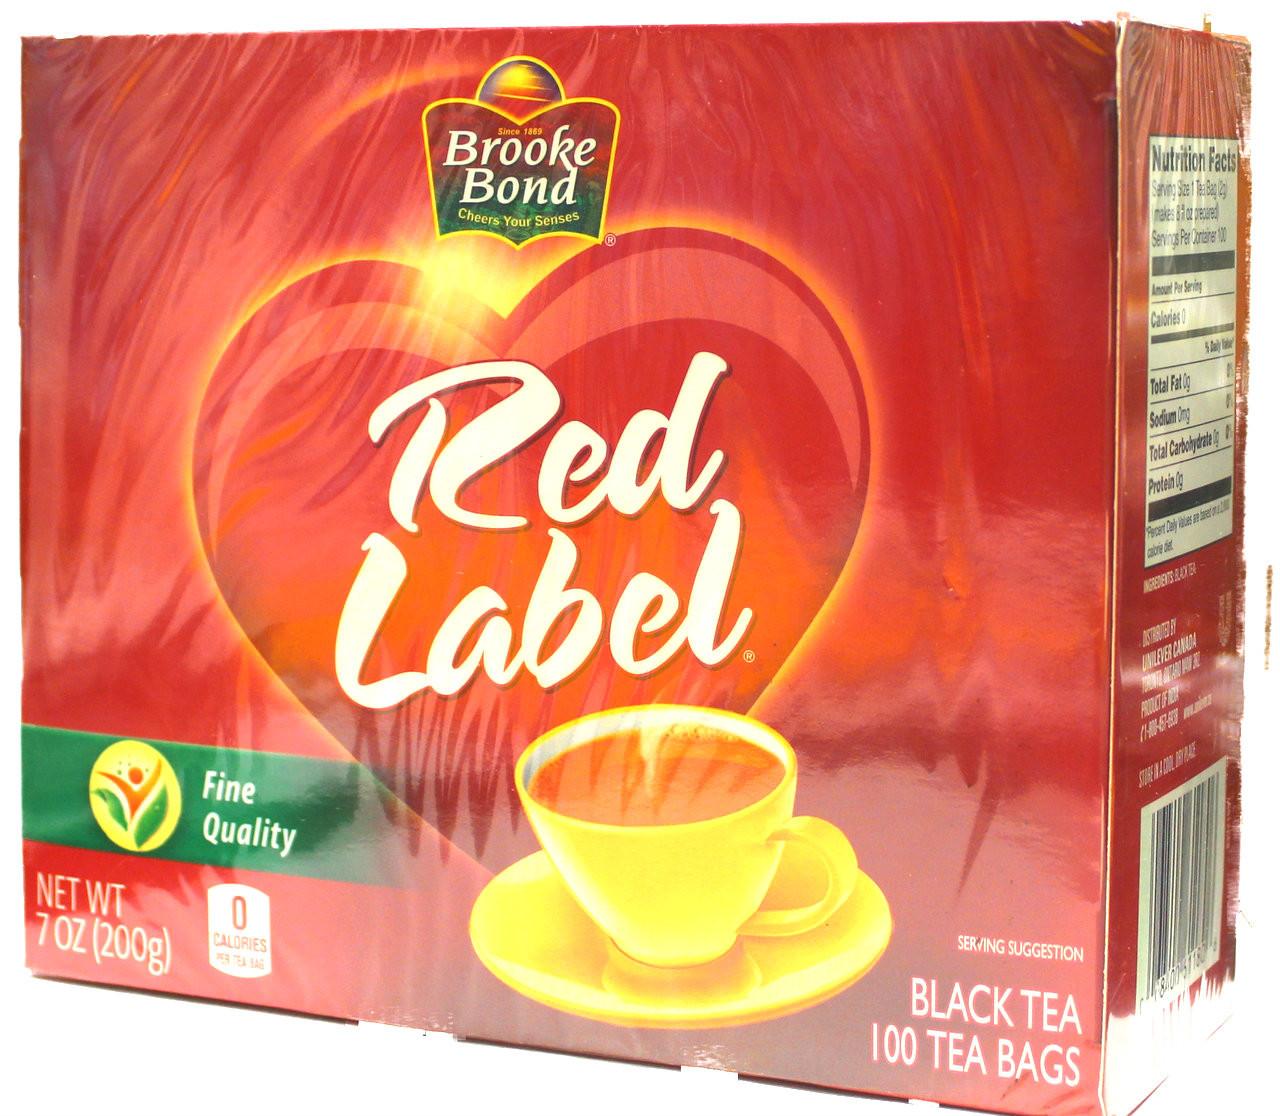 Broooke Bond Red Label 100 Tea Bags